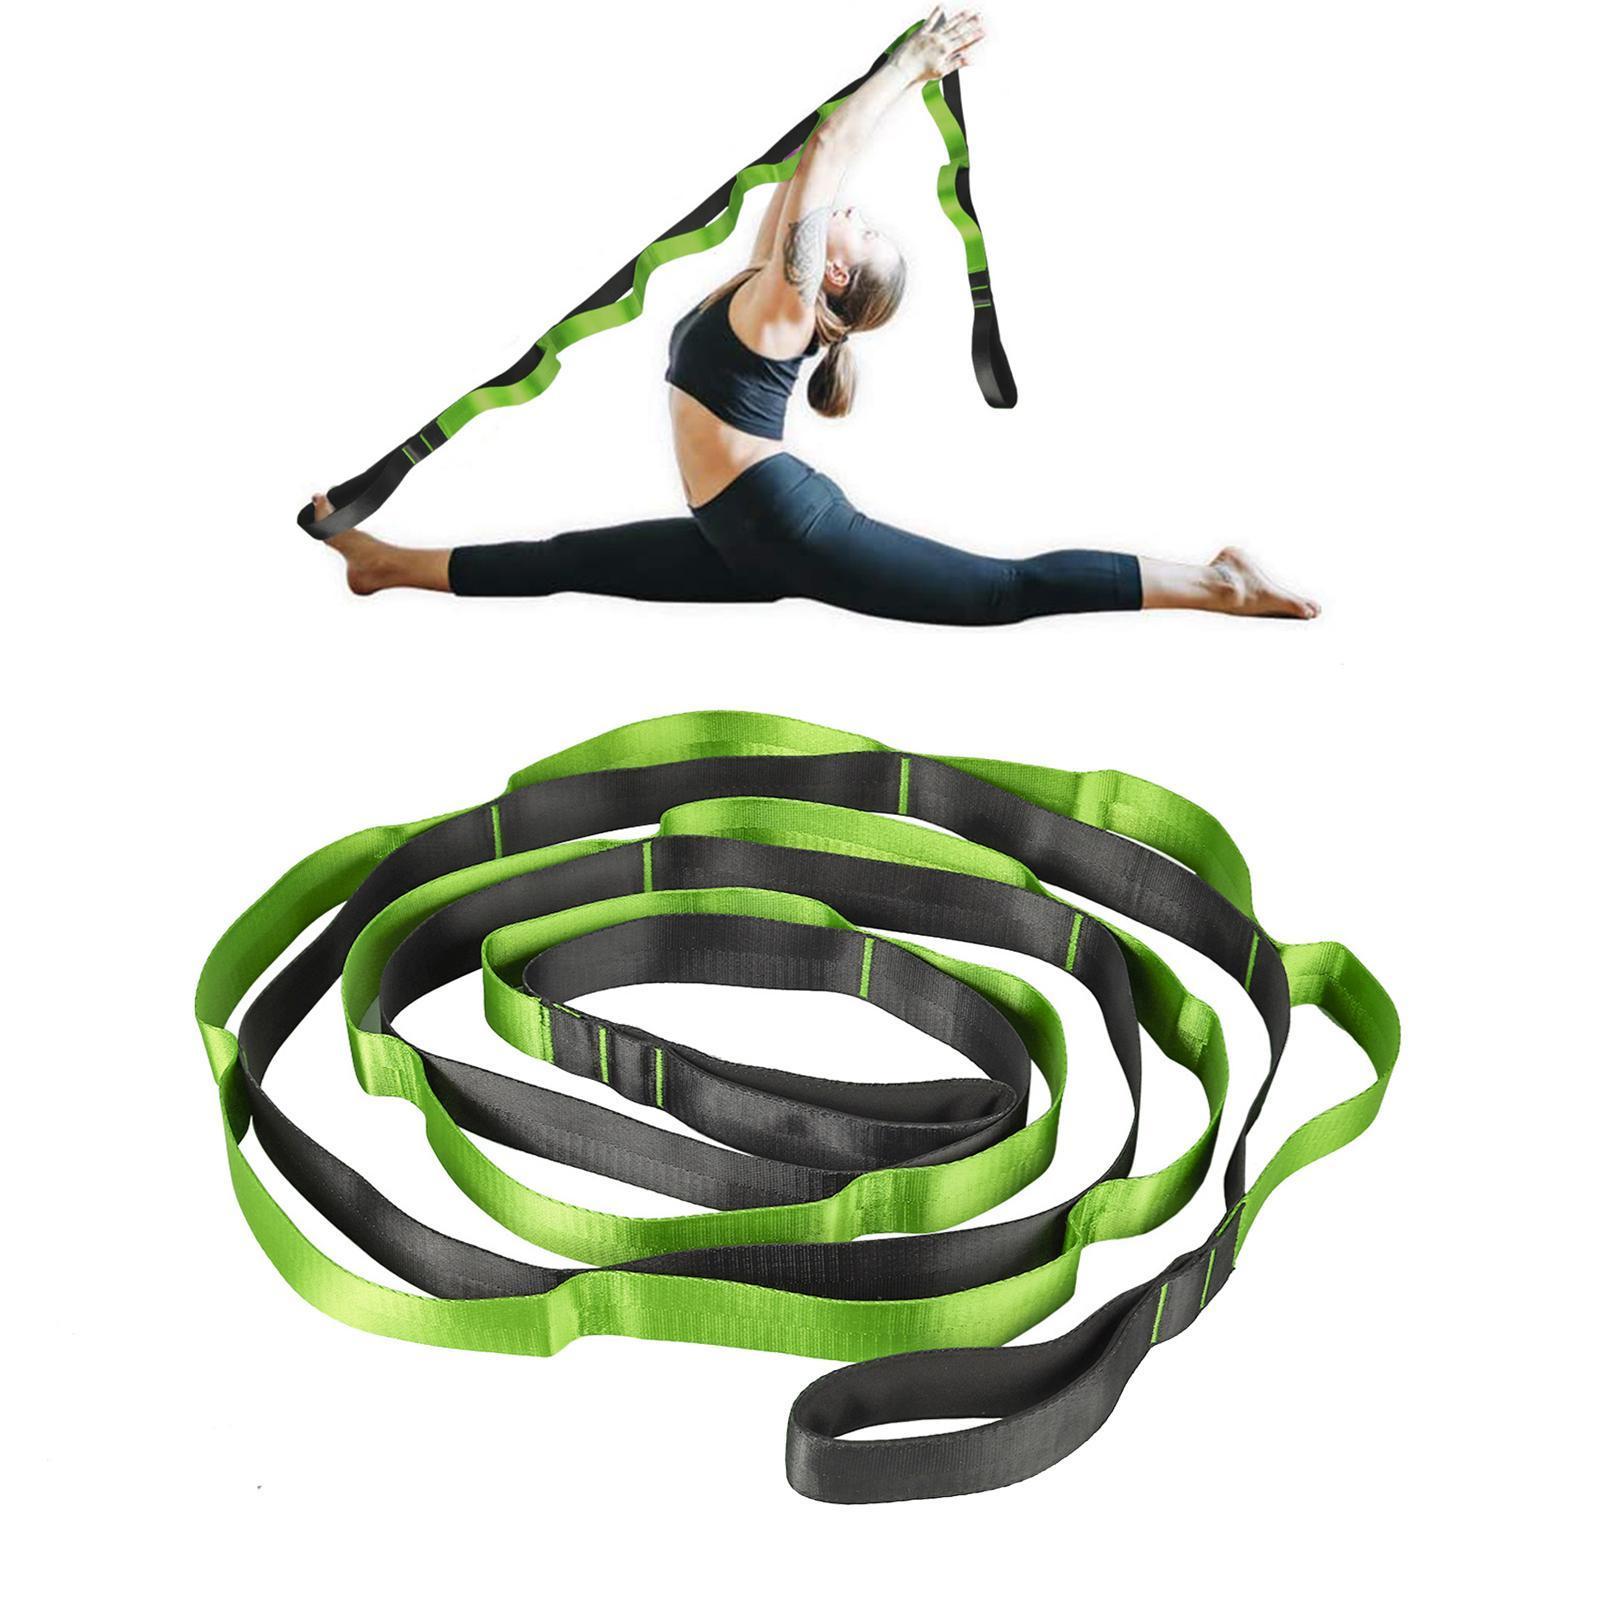 miniatura 18 - Pierna camilla yoga Stretch Strap Latin Dance Gymnastic pull cinturón flexibilidad